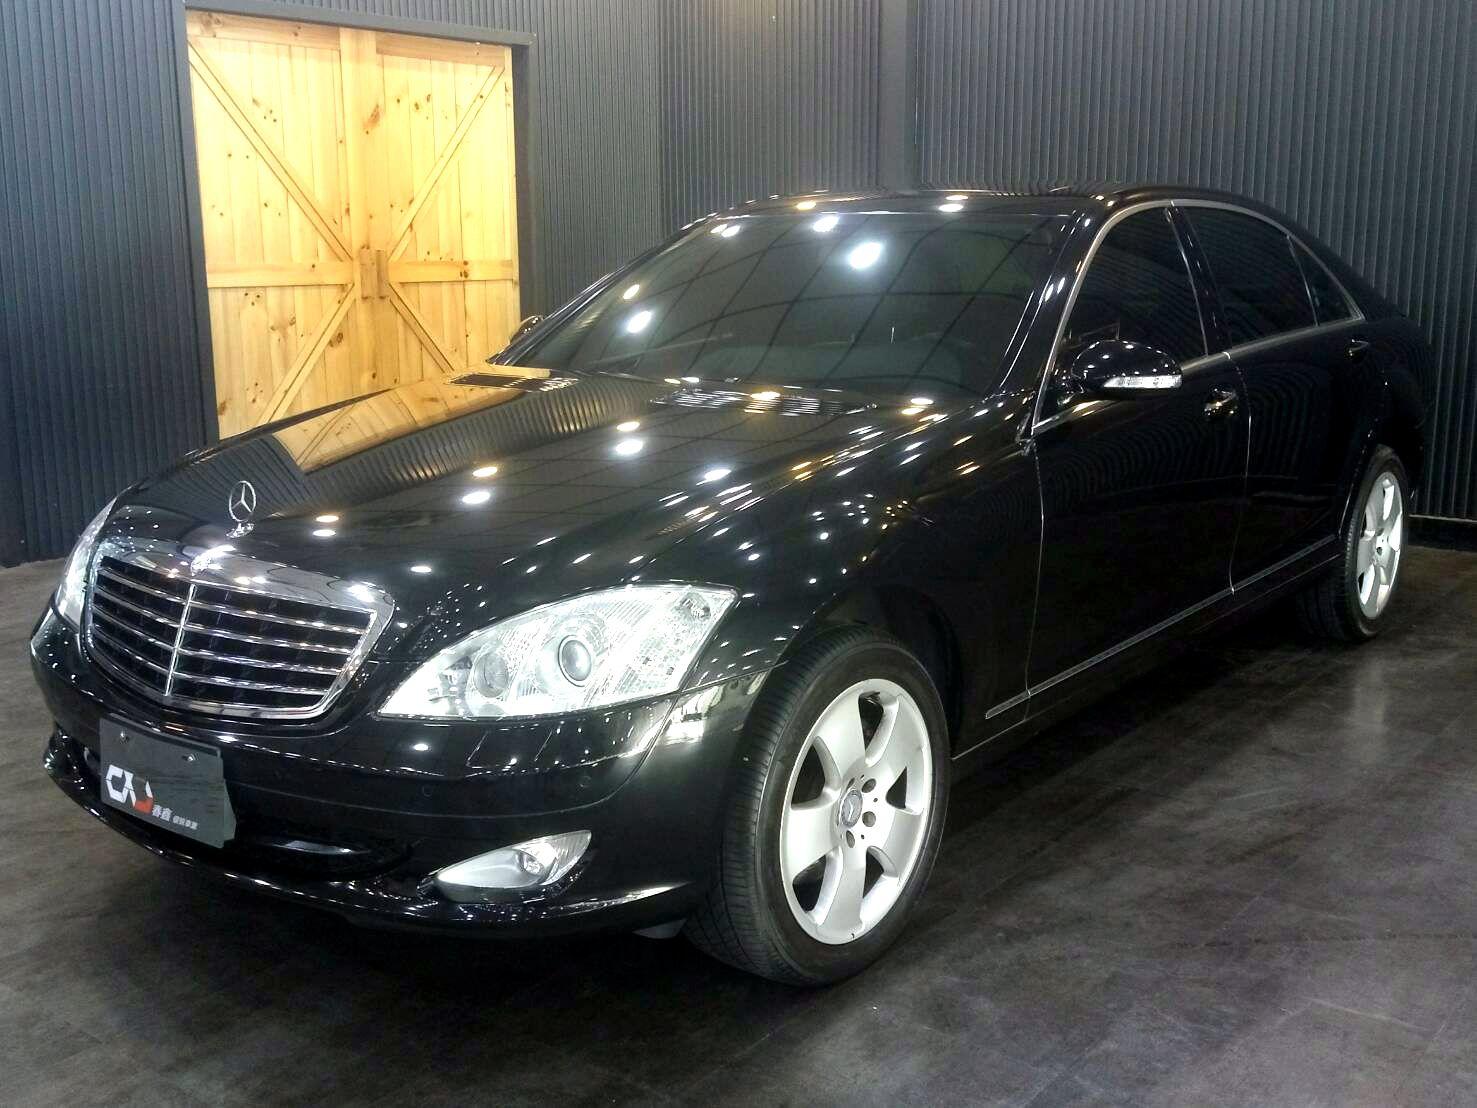 2007 M-Benz 賓士 S-class